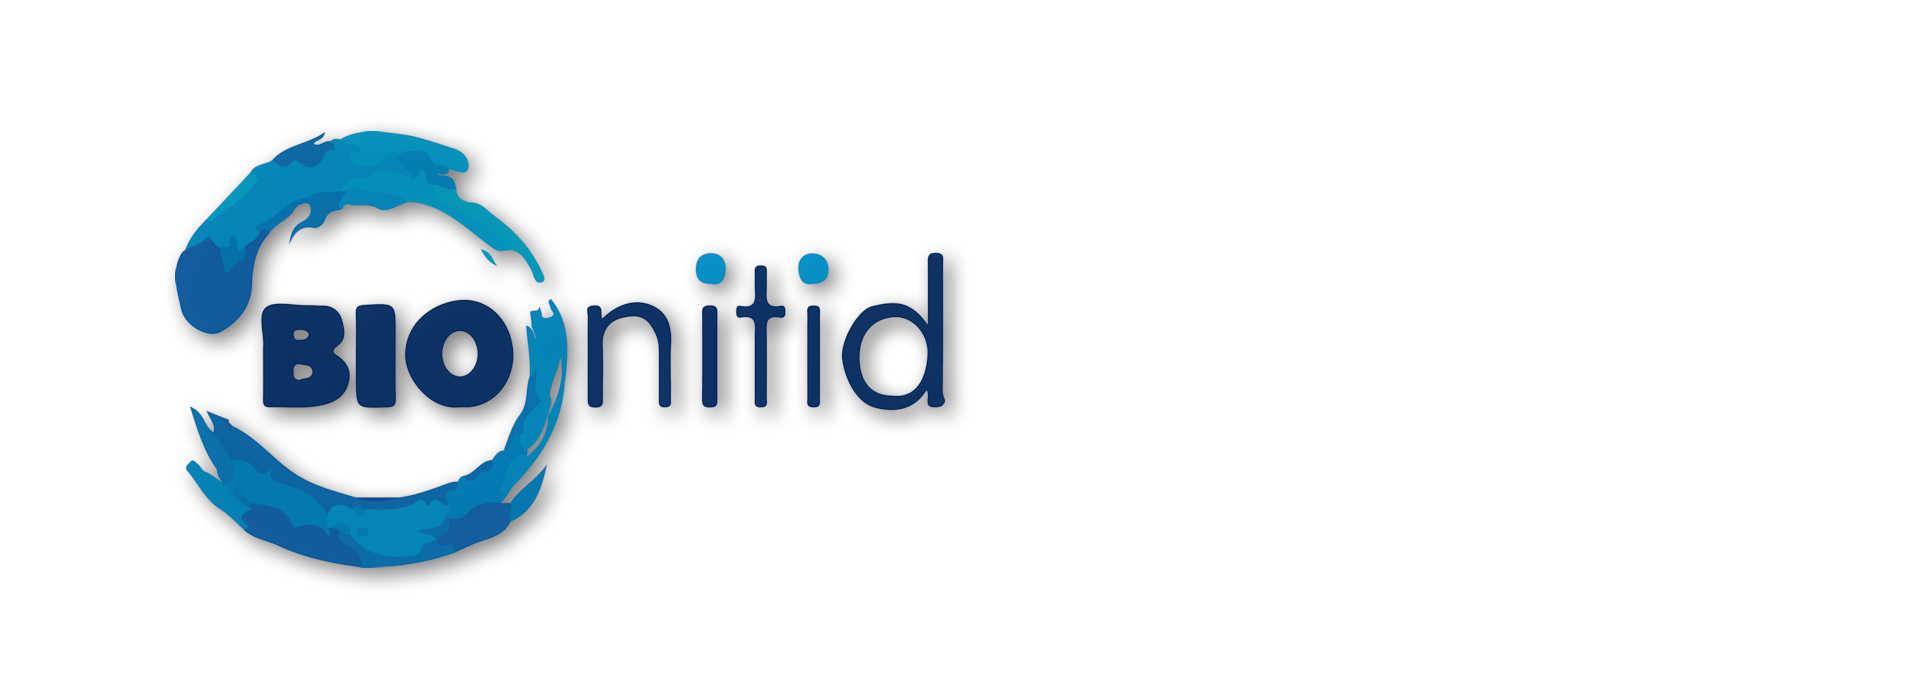 Bionitid, fabricante de productos de limpieza, higiene y mantenimiento industrial